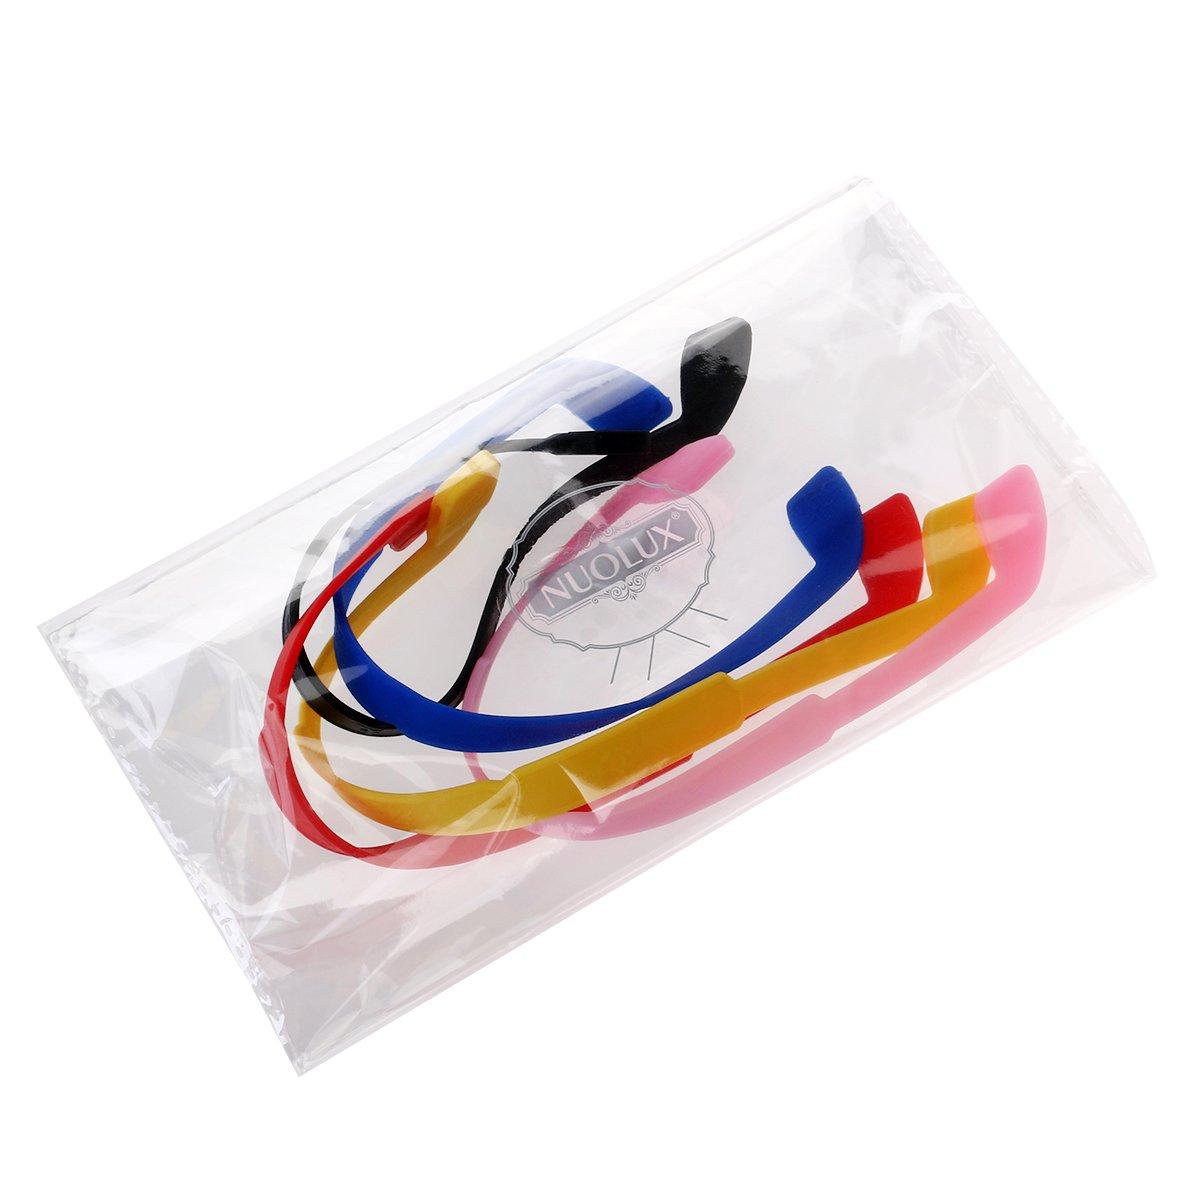 NUOLUX 5 colores gafas de sol anteojos gafas antideslizante el/ástico de silicona banda para la cabeza